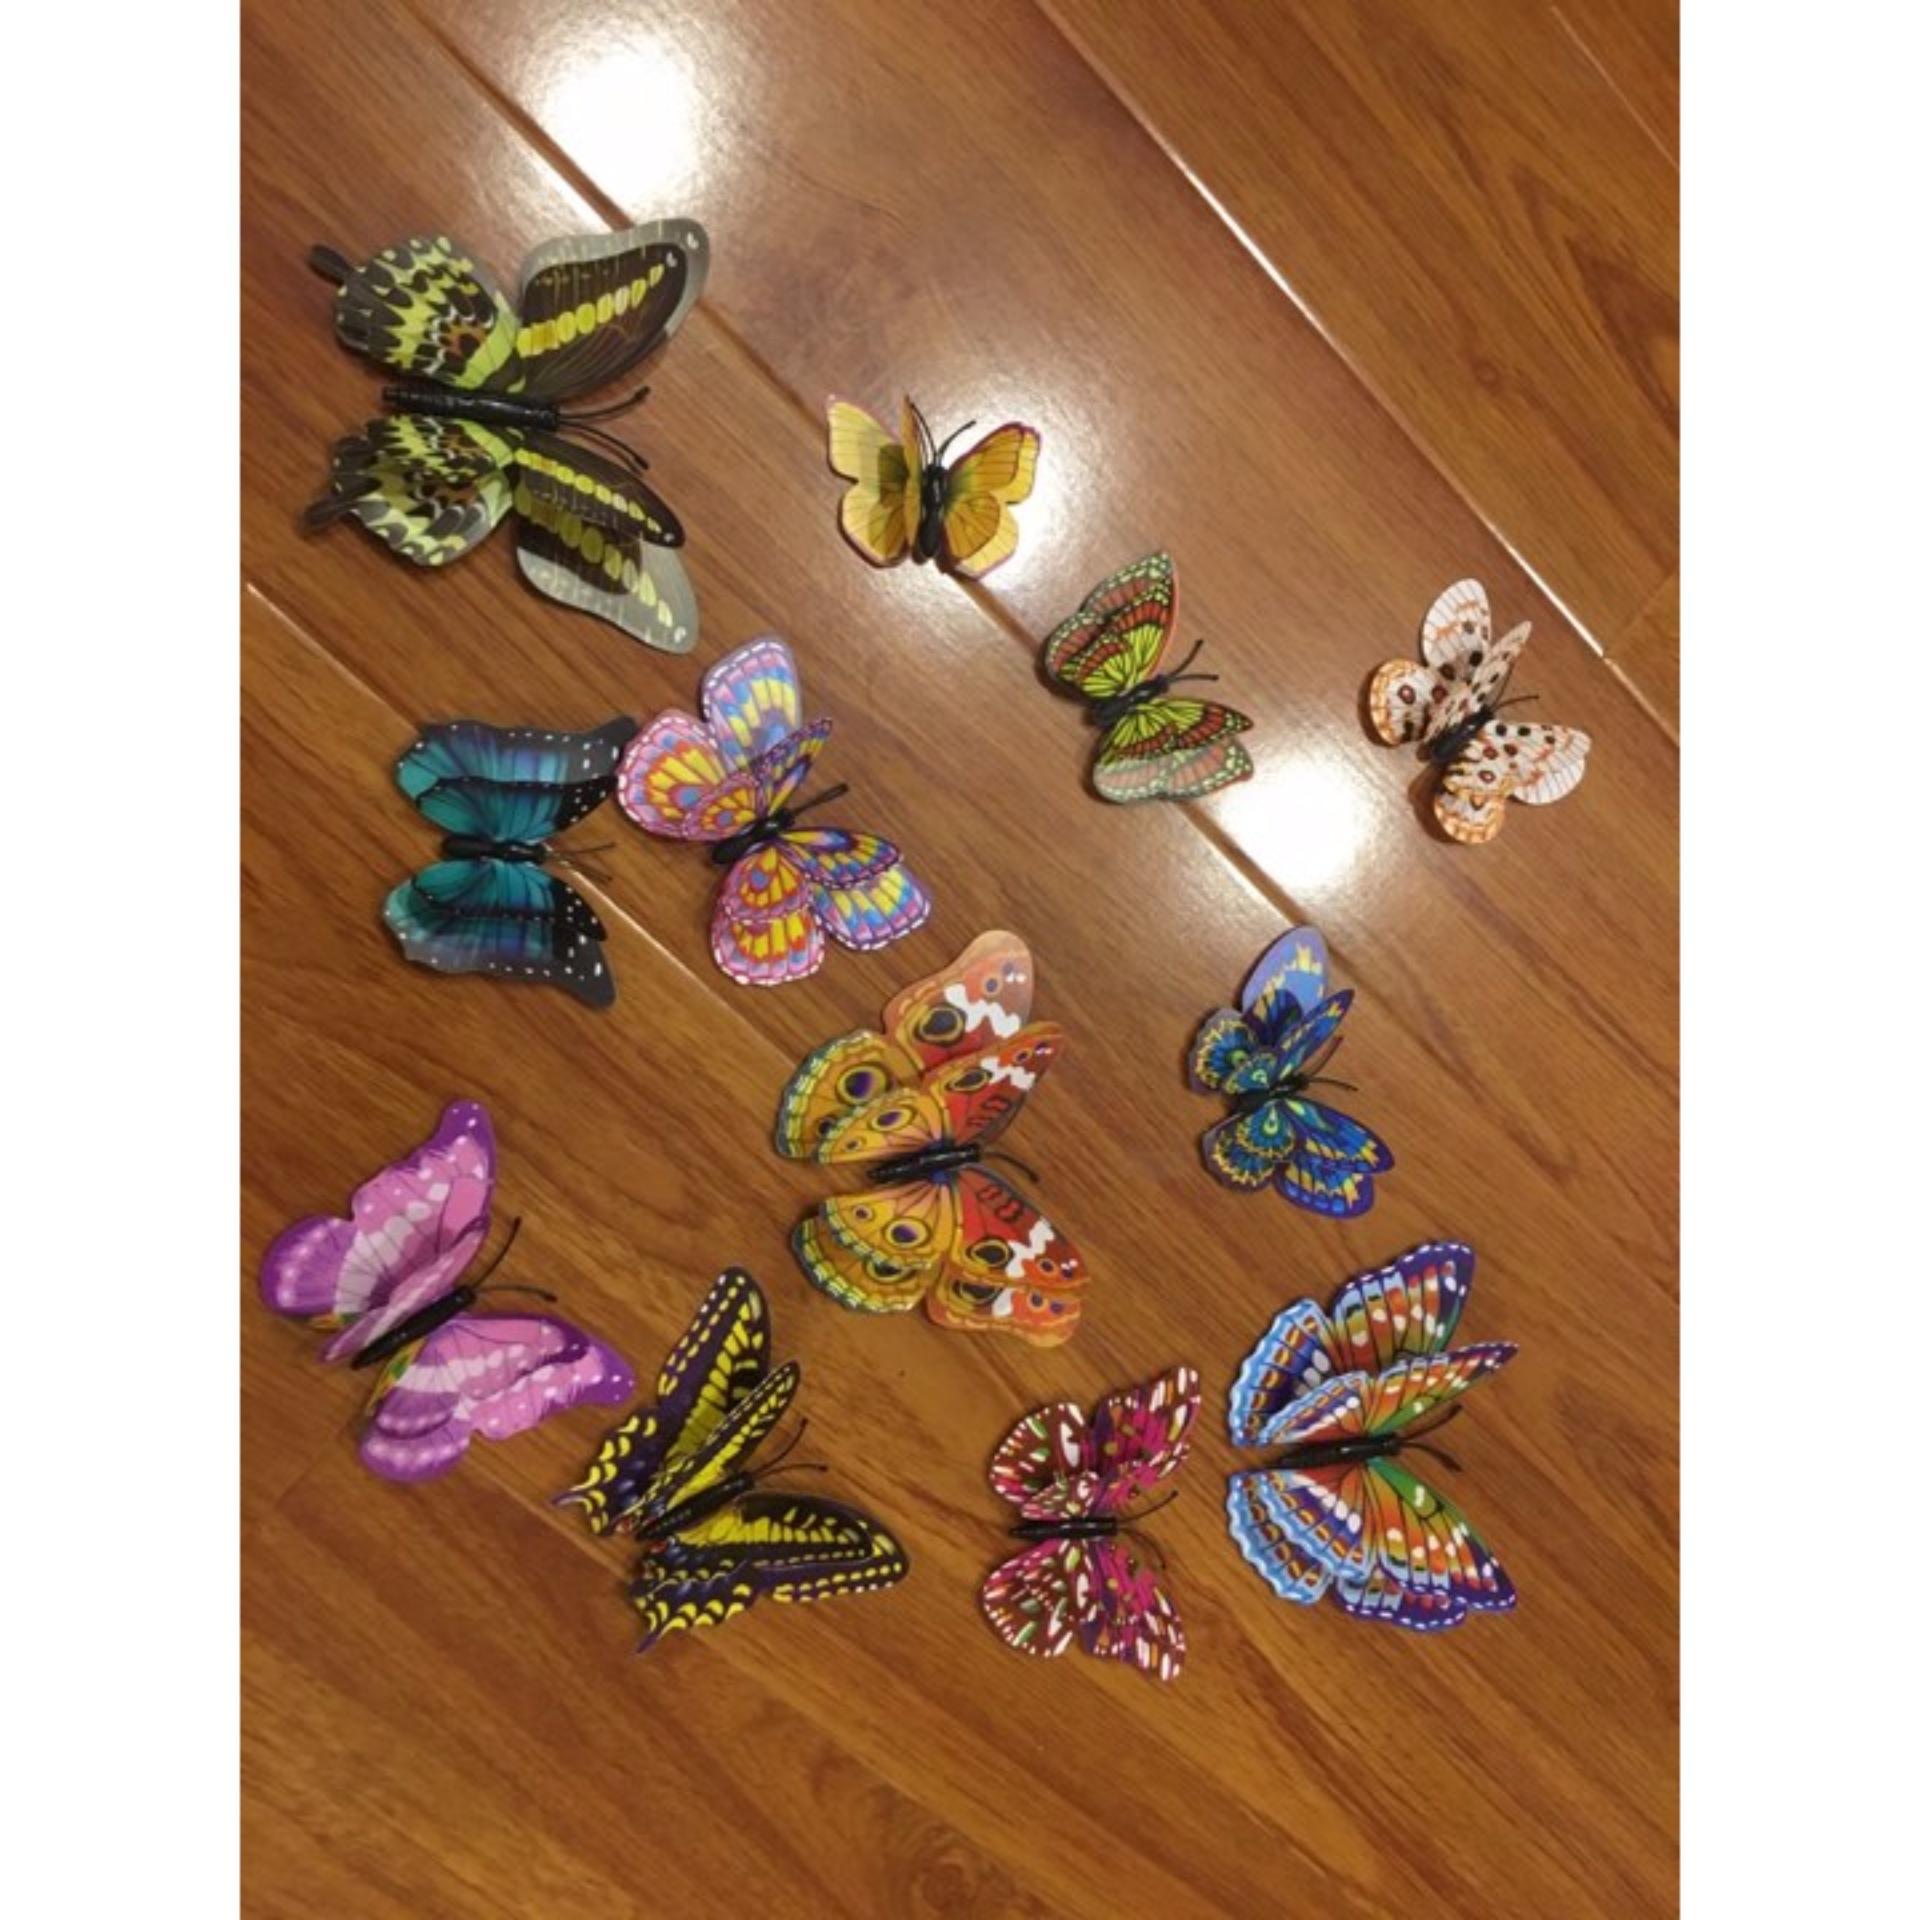 Chỗ nào bán Bộ bướm 3D 2 tầng có nam châm đủ màu có chấm trắng-12 con